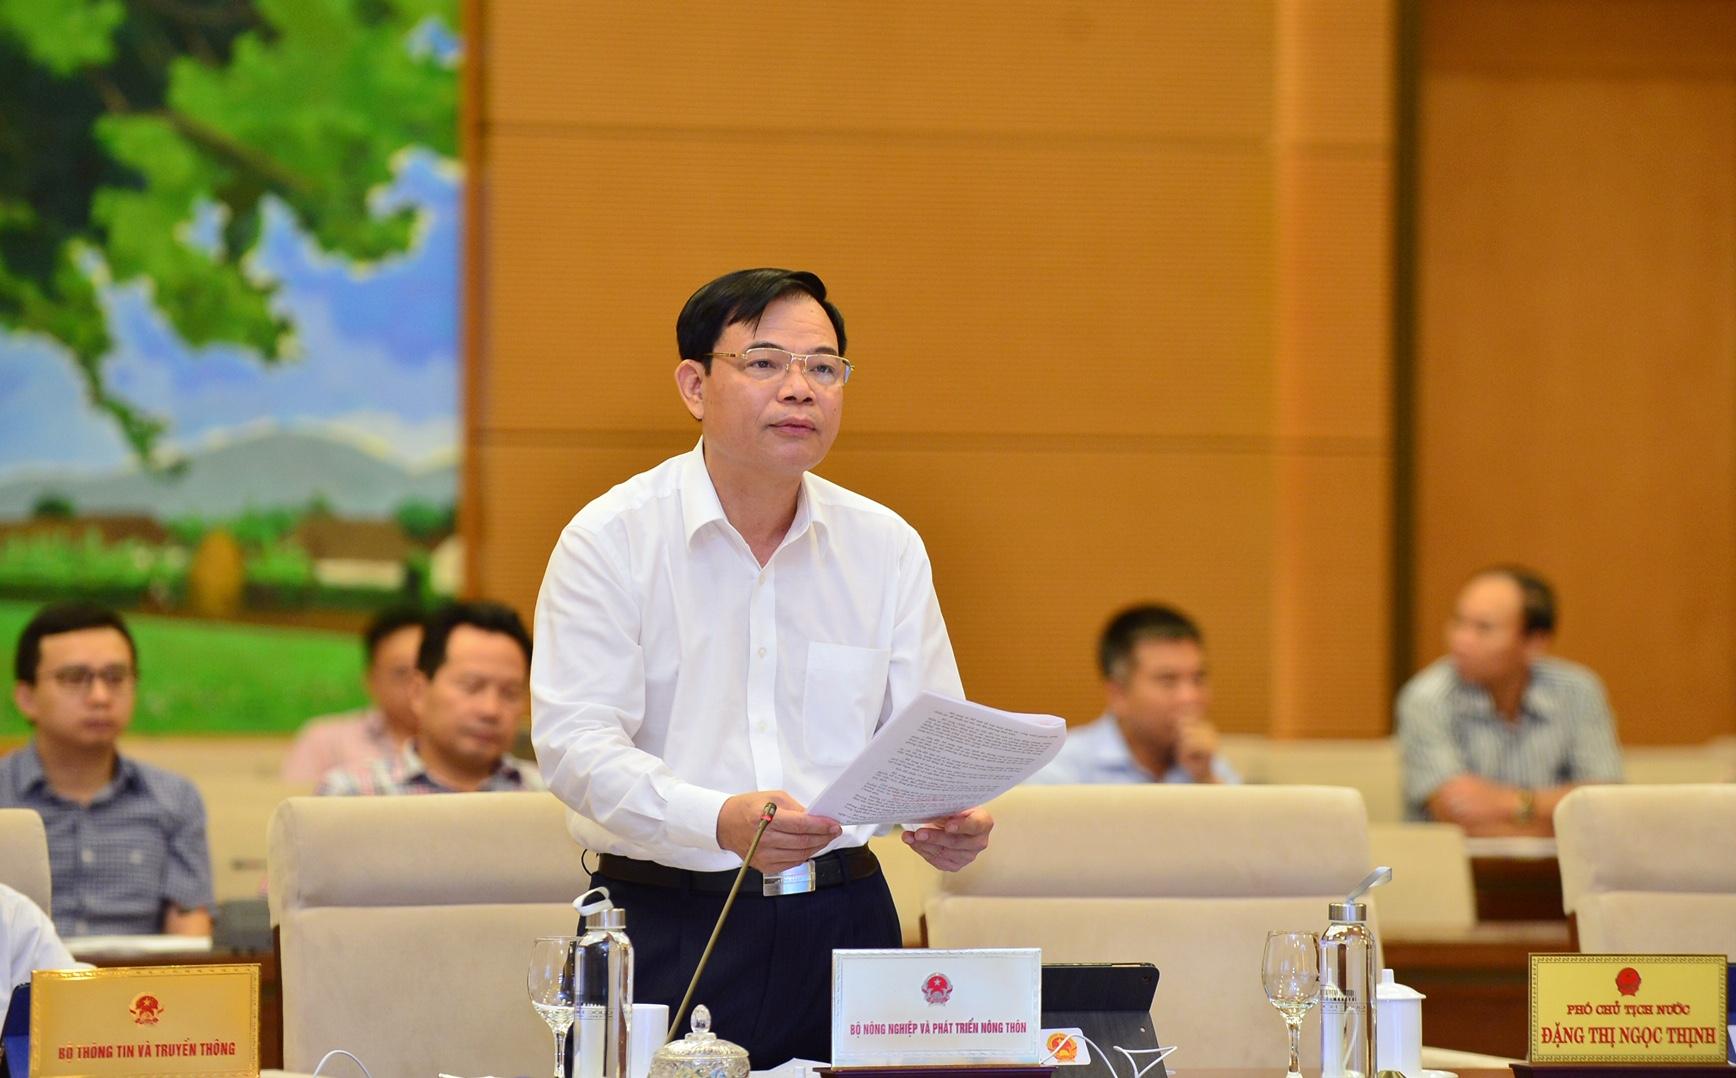 uy ban thuong vu quoc hoi thao luan ve luat de dieu va luat phong chong thien tai sua doi